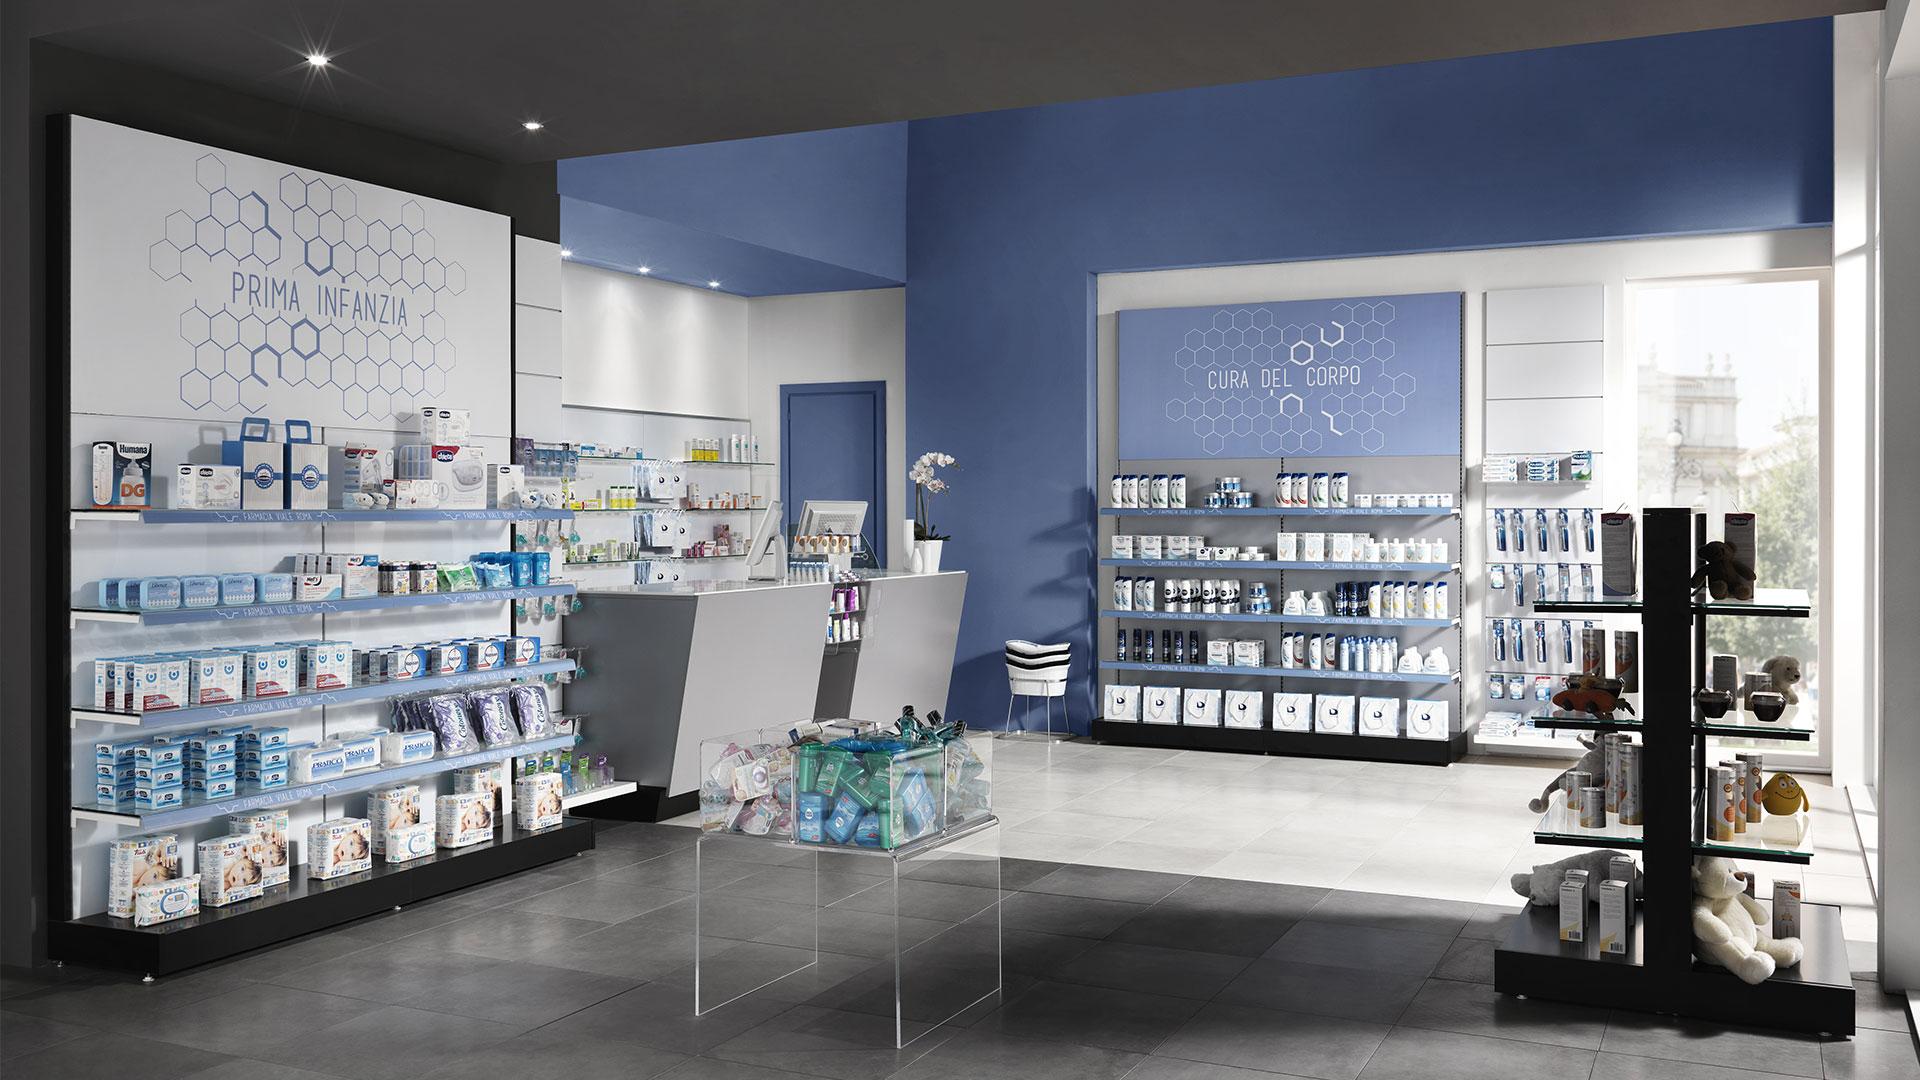 arken arredamenti farmacia